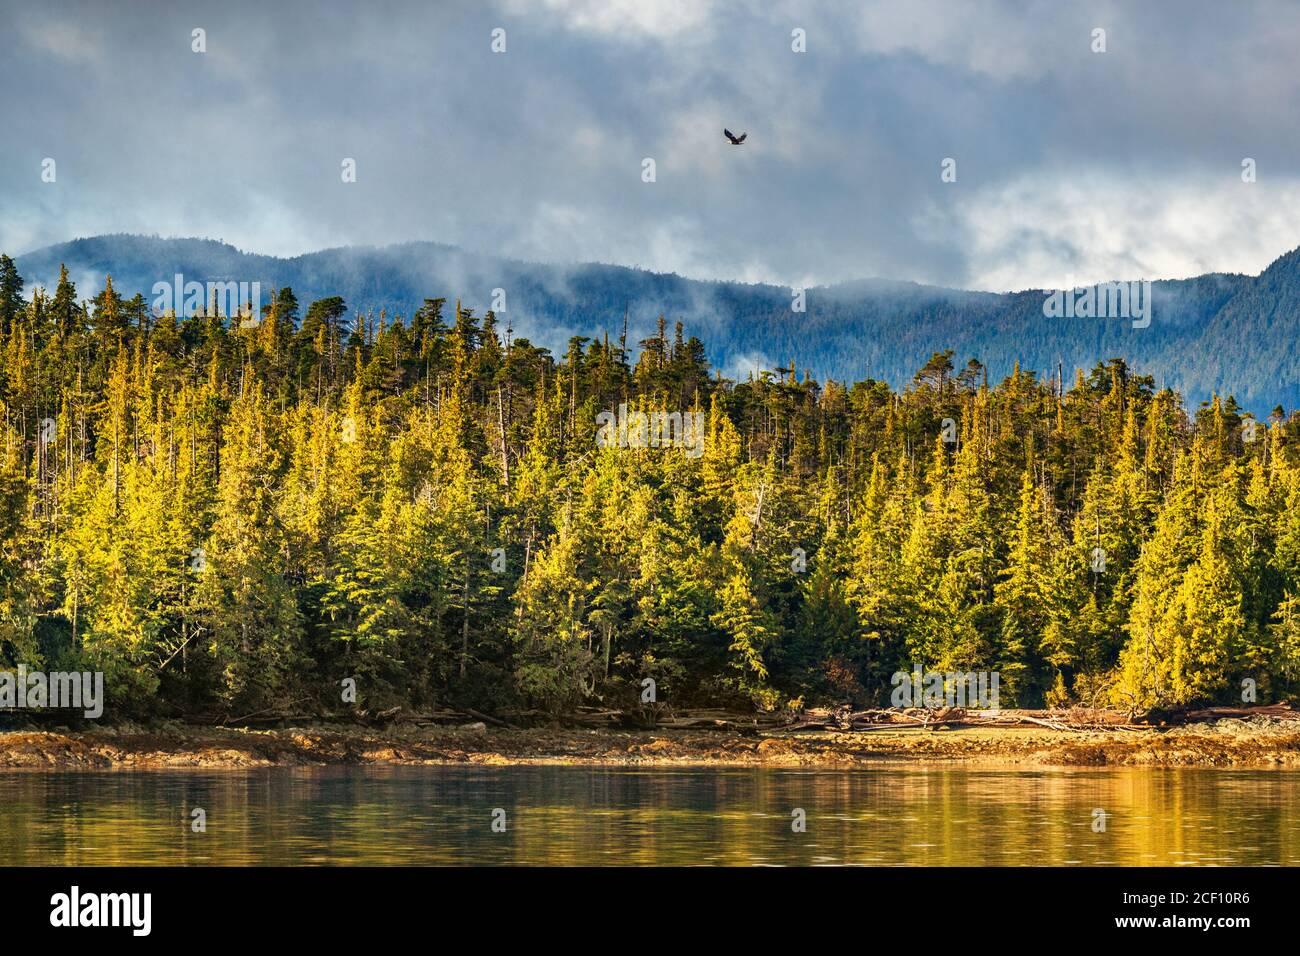 Alaska bosque vida salvaje aves naturaleza paisaje costa fondo con águila calva volando sobre la costa de los pinos en Ketchikan, Estados Unidos. Destino del crucero Foto de stock